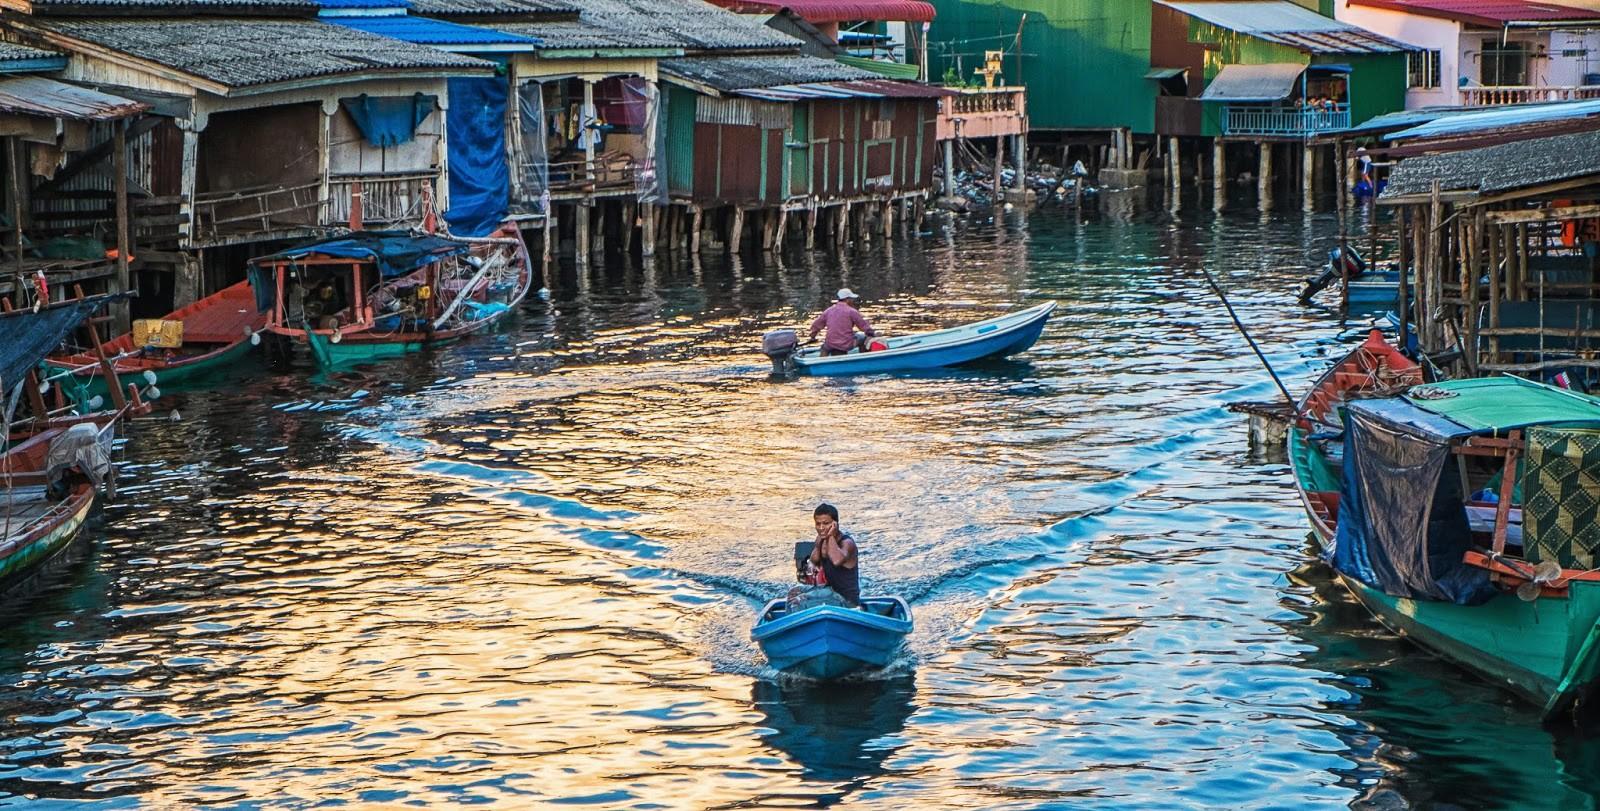 камбоджа, достопримечательности камбоджи, пномпень, сиануквиль, острова камбоджи, острова сиануквиля